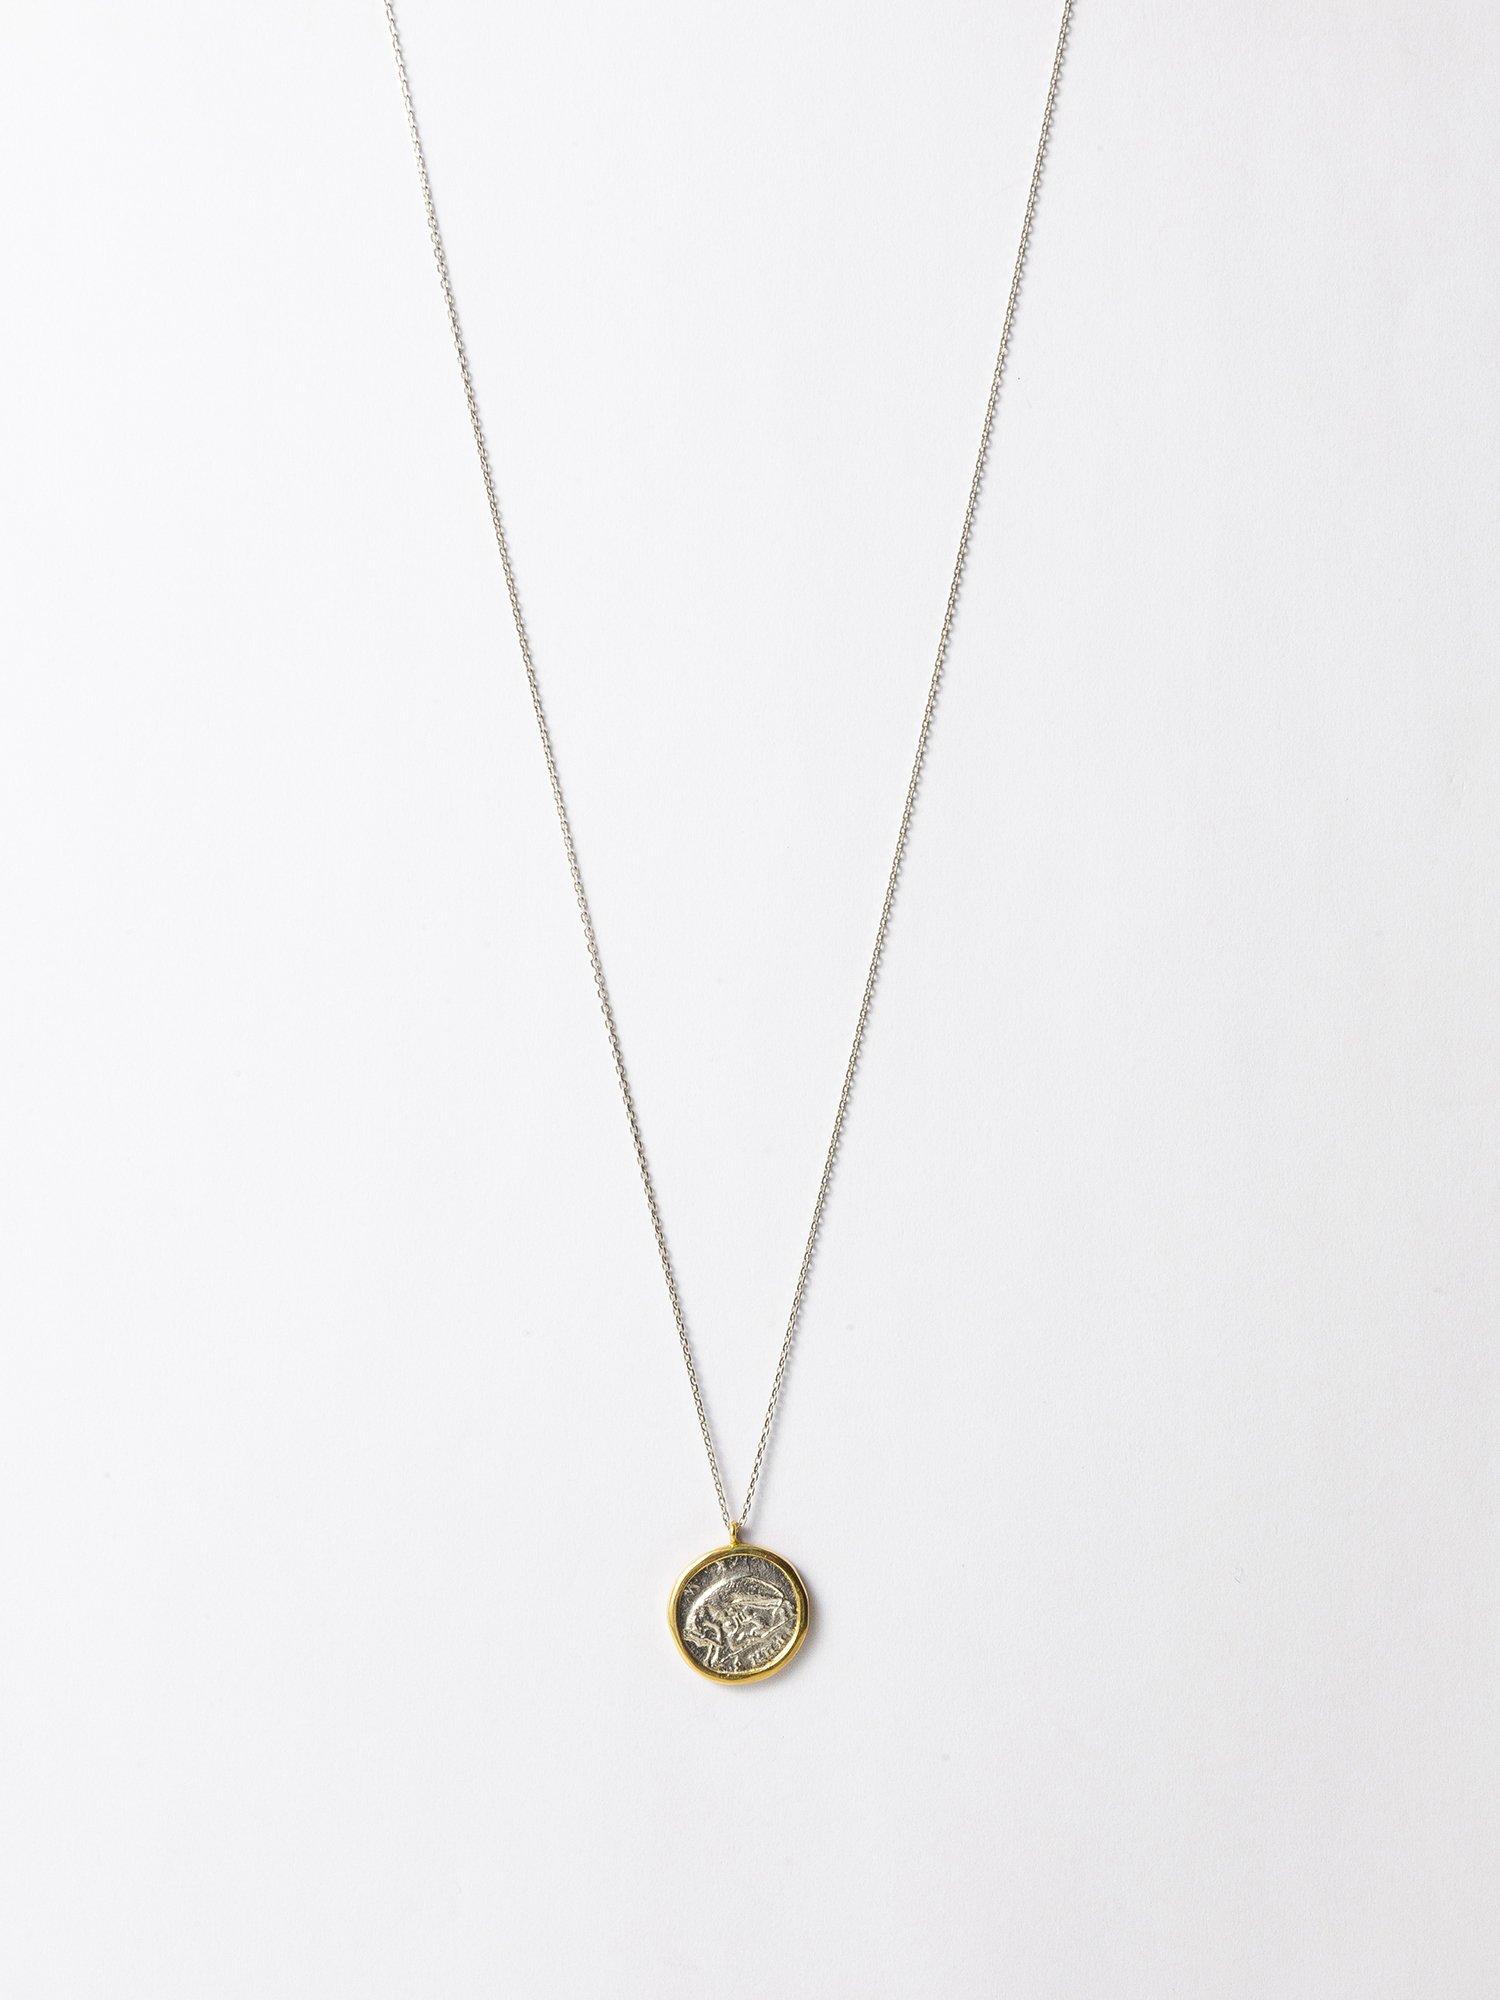 ARTEMIS / Roman coin necklace / Romulus and Remus / 在庫商品